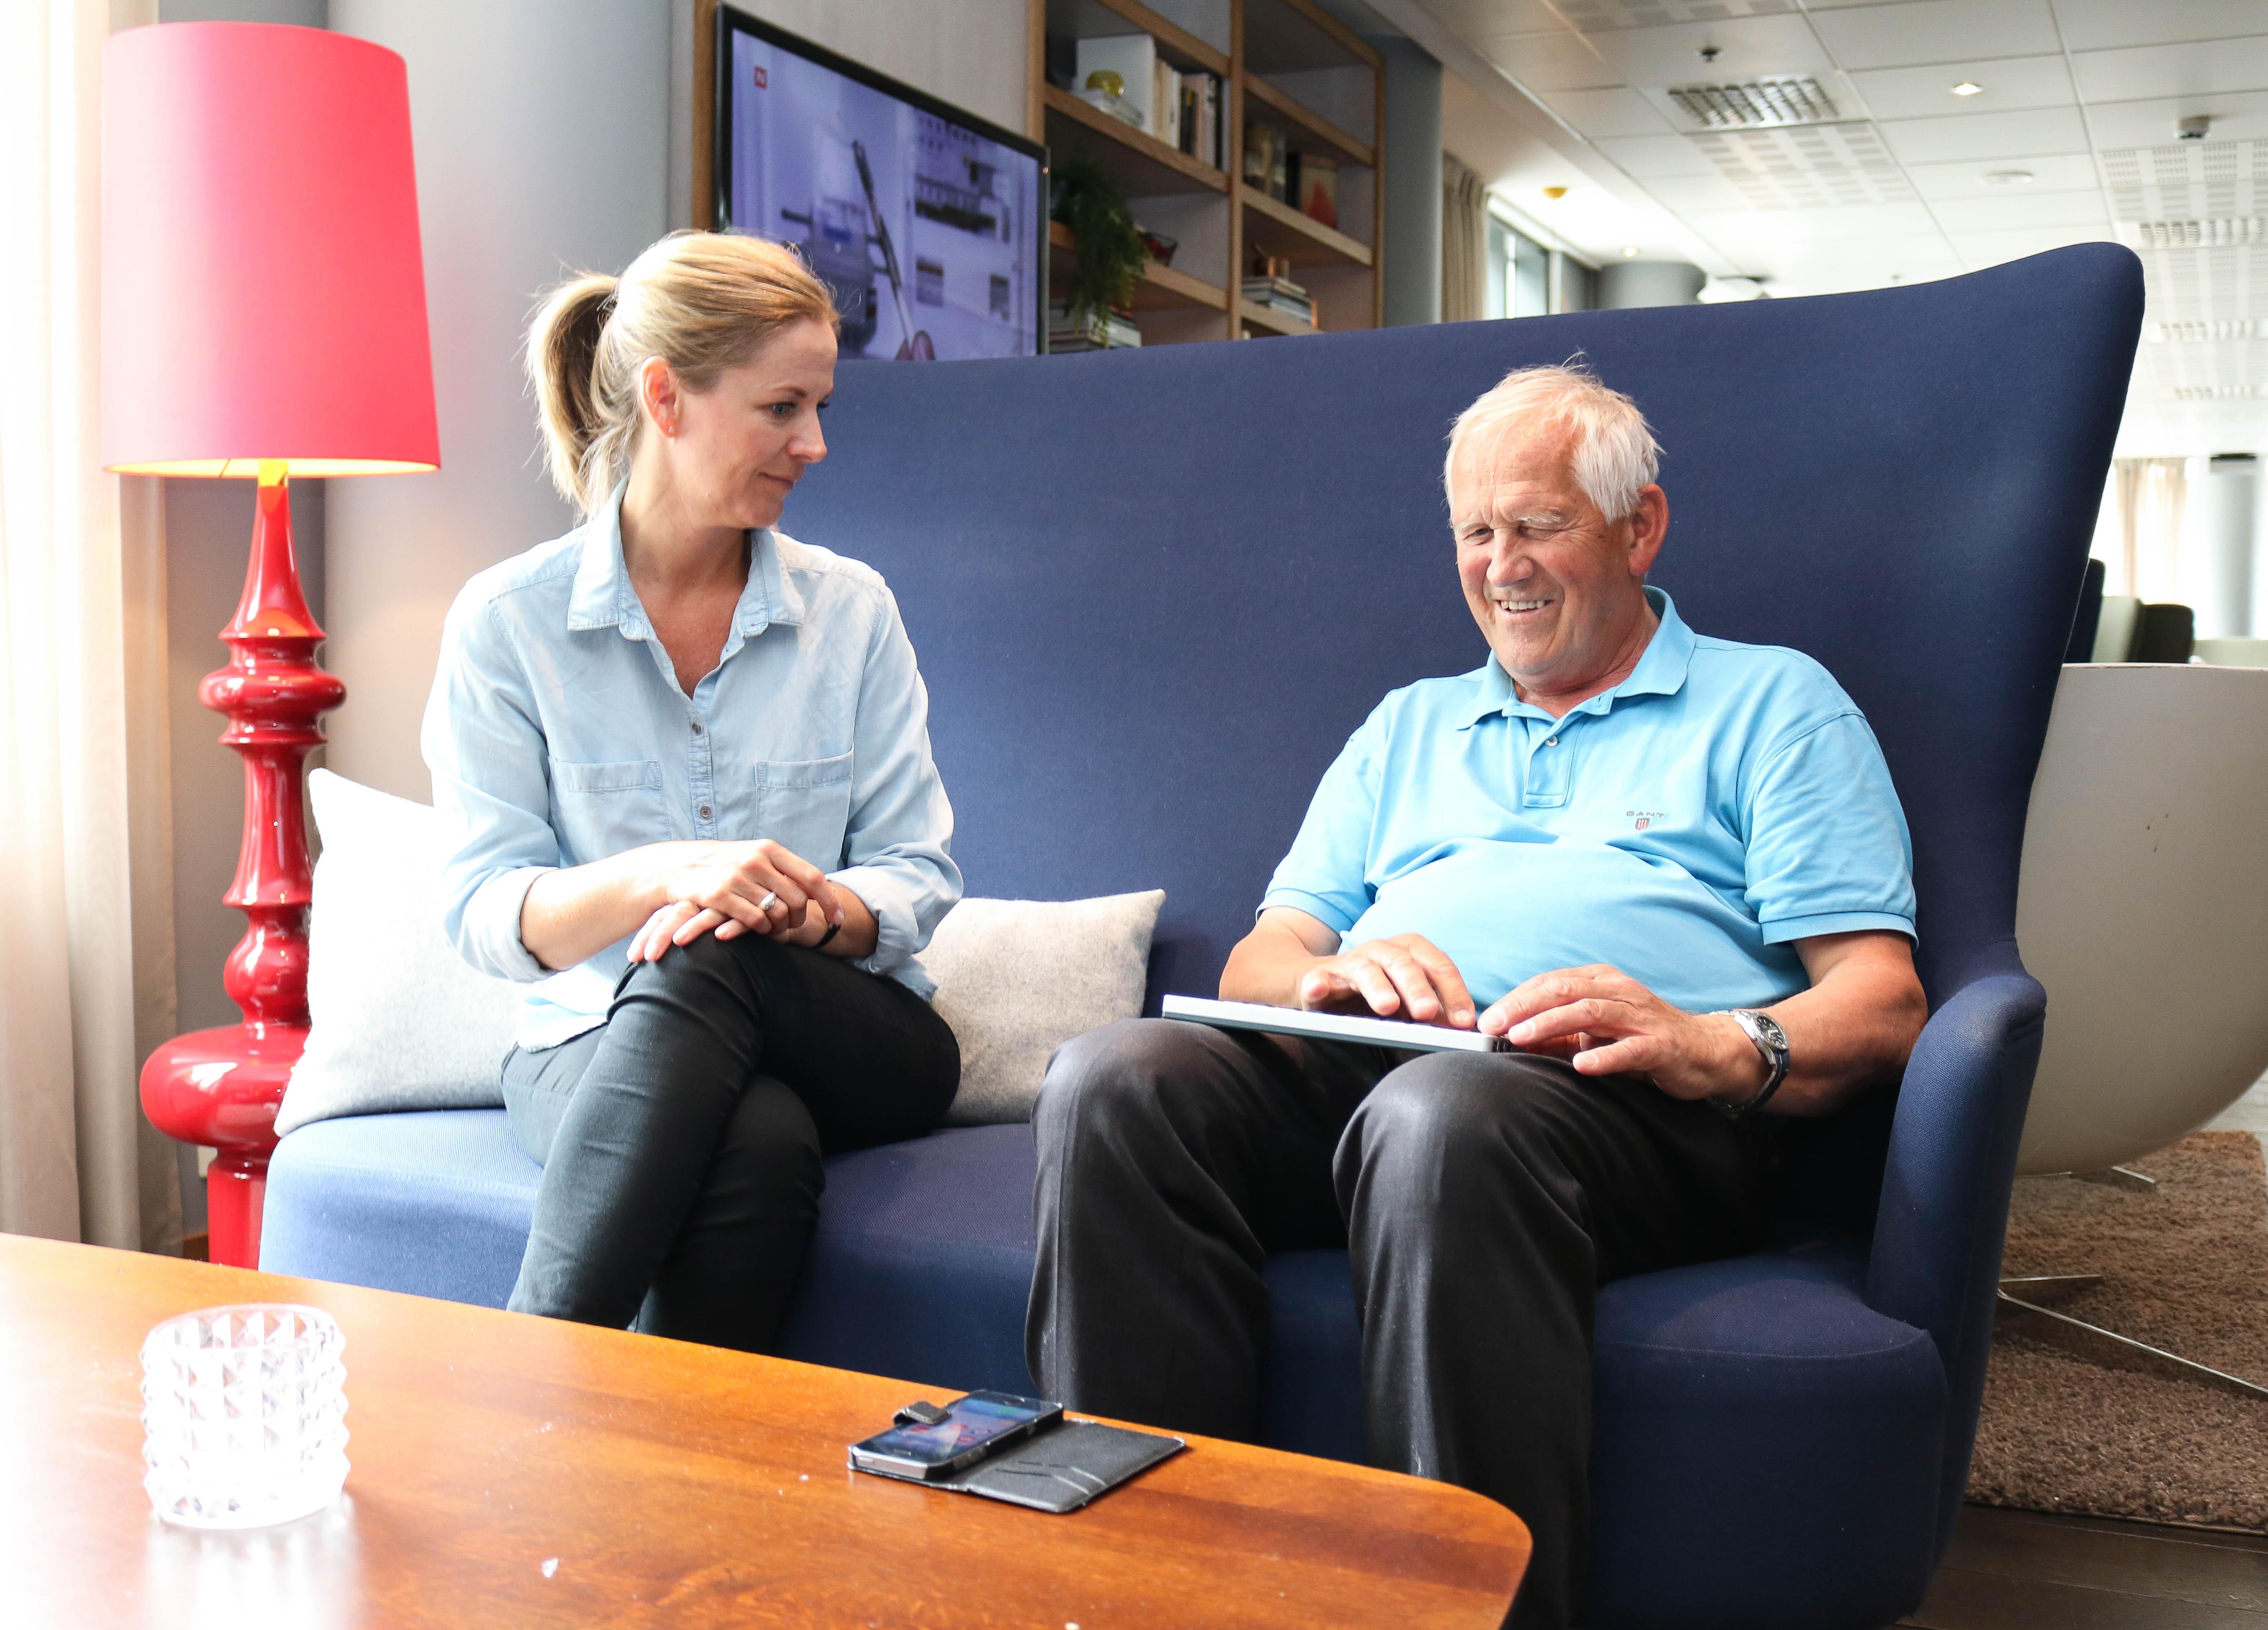 En eldre FNDB-medlem bruker leselist for å lese nyheter på sin mobil, til venstre sitter en kvinnelig tolk-ledsager og følger med.